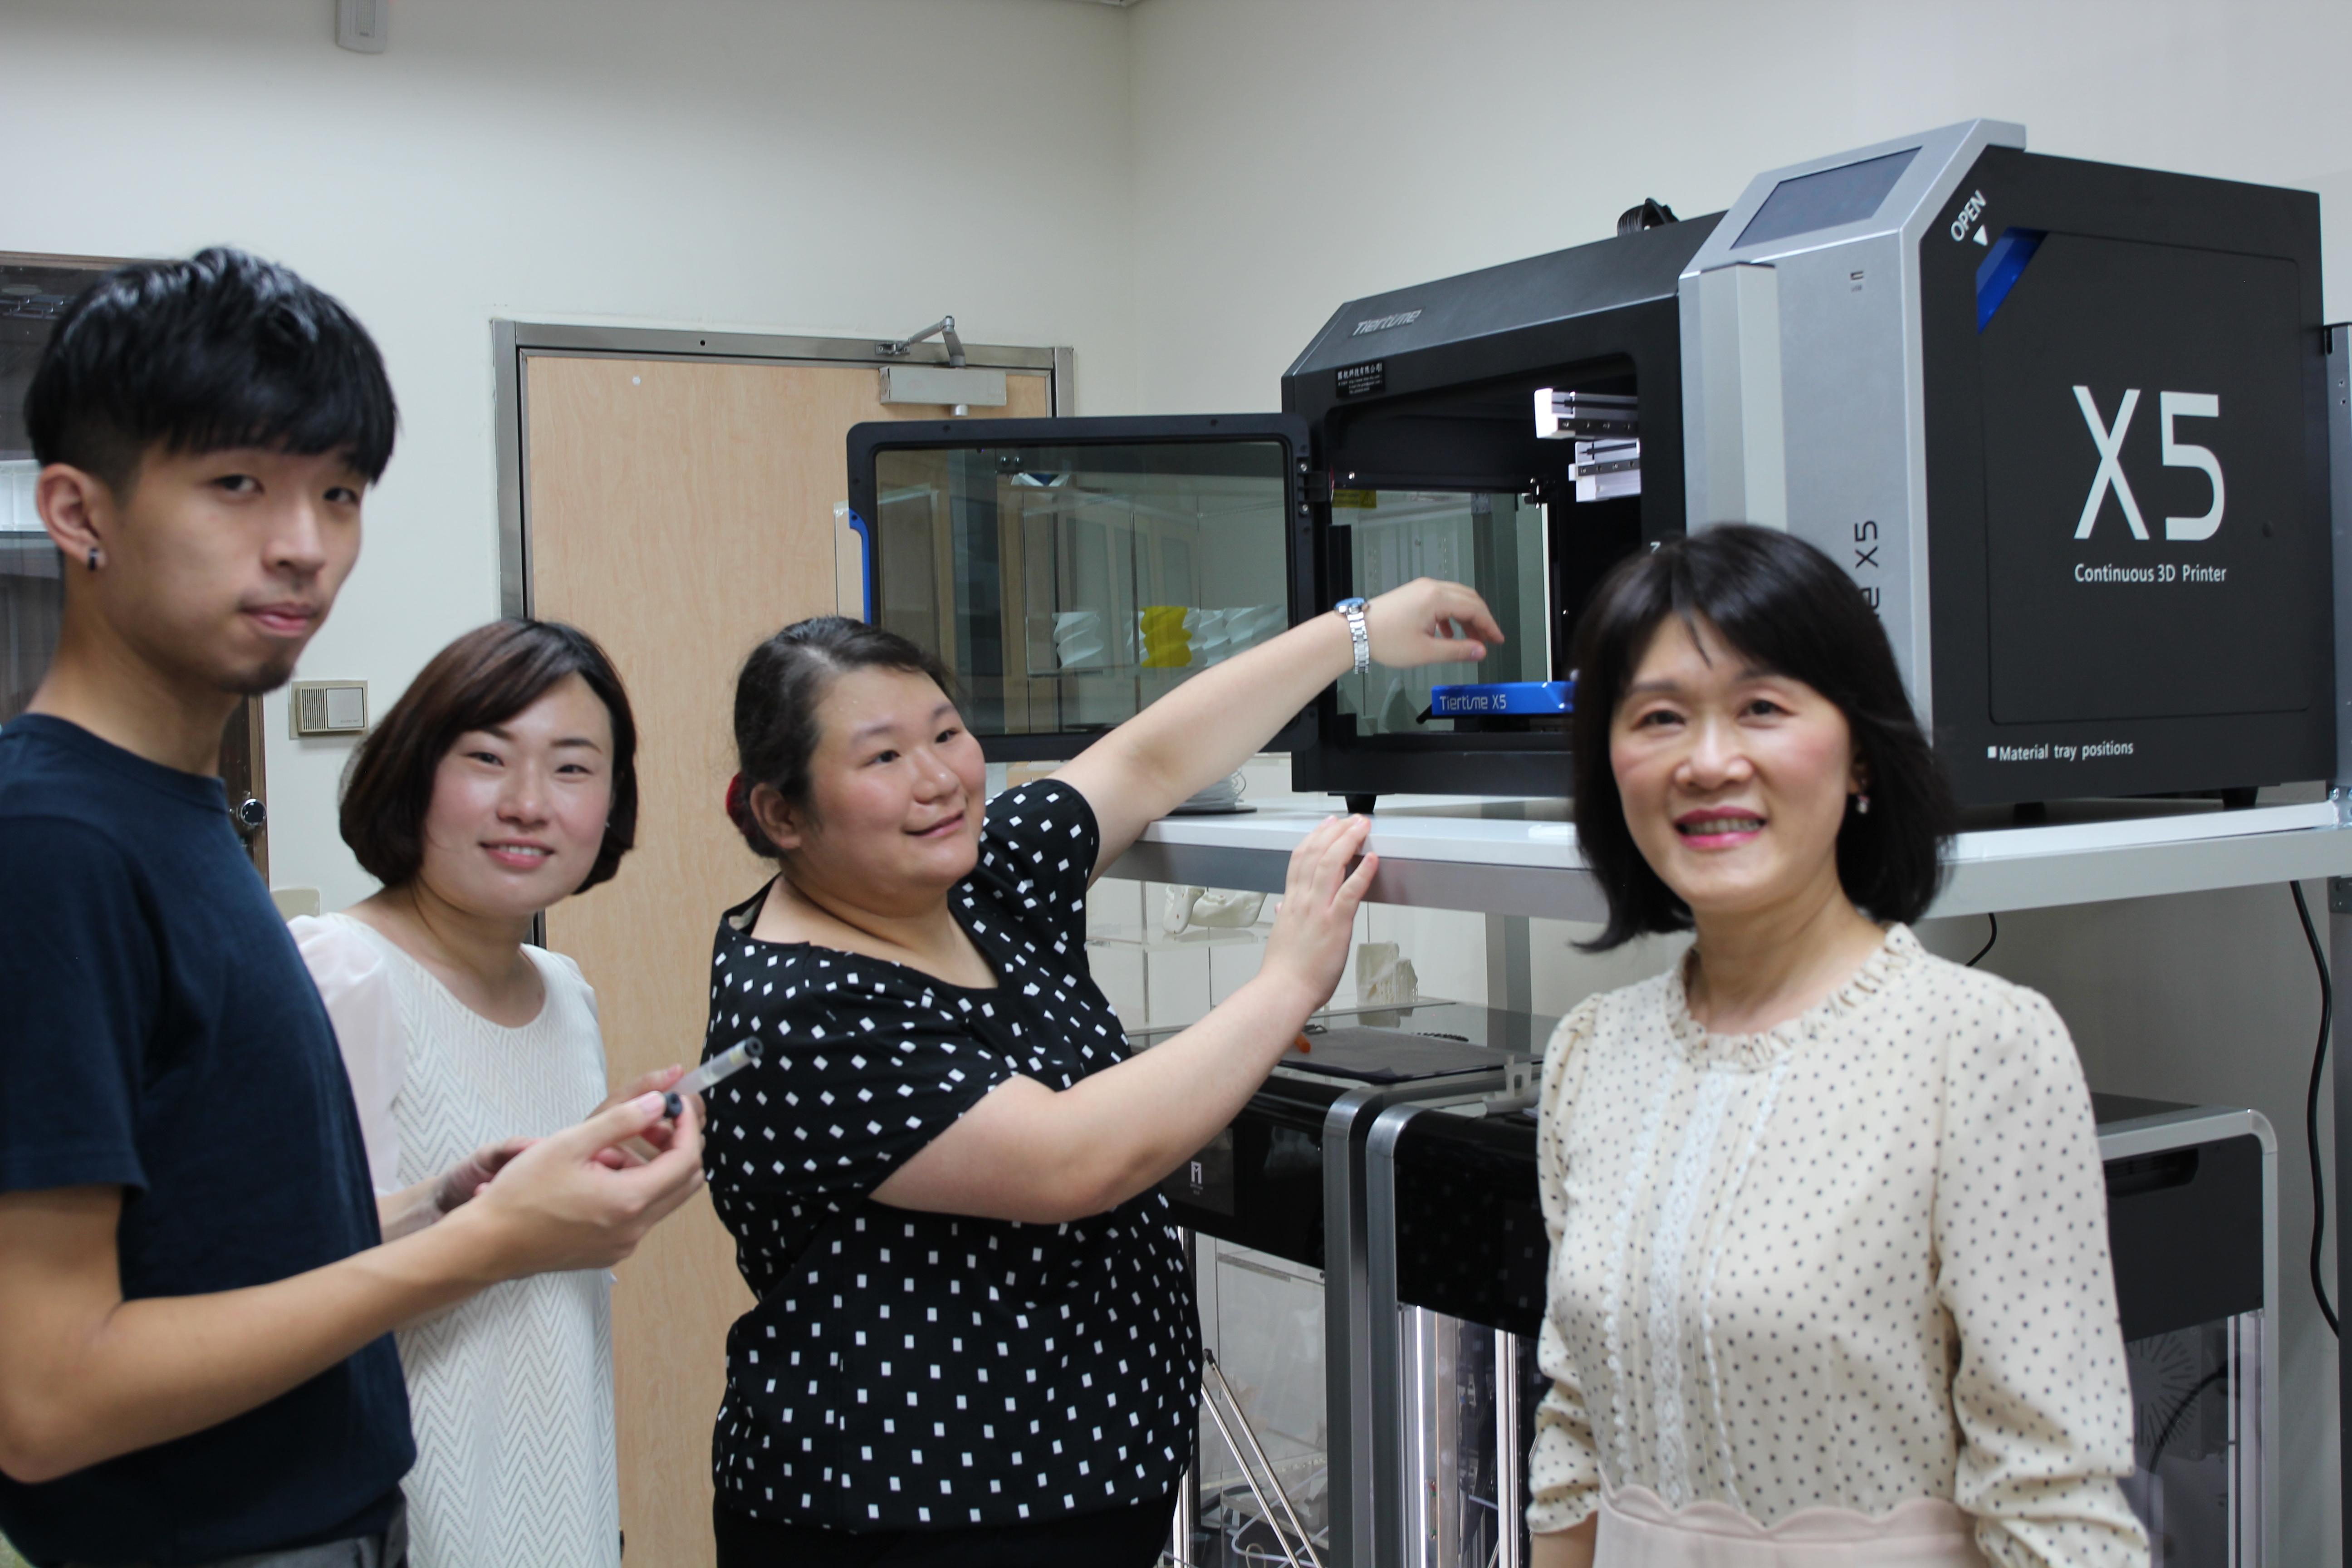 列印成品_一鍵完成胰島素注射記憶筆針